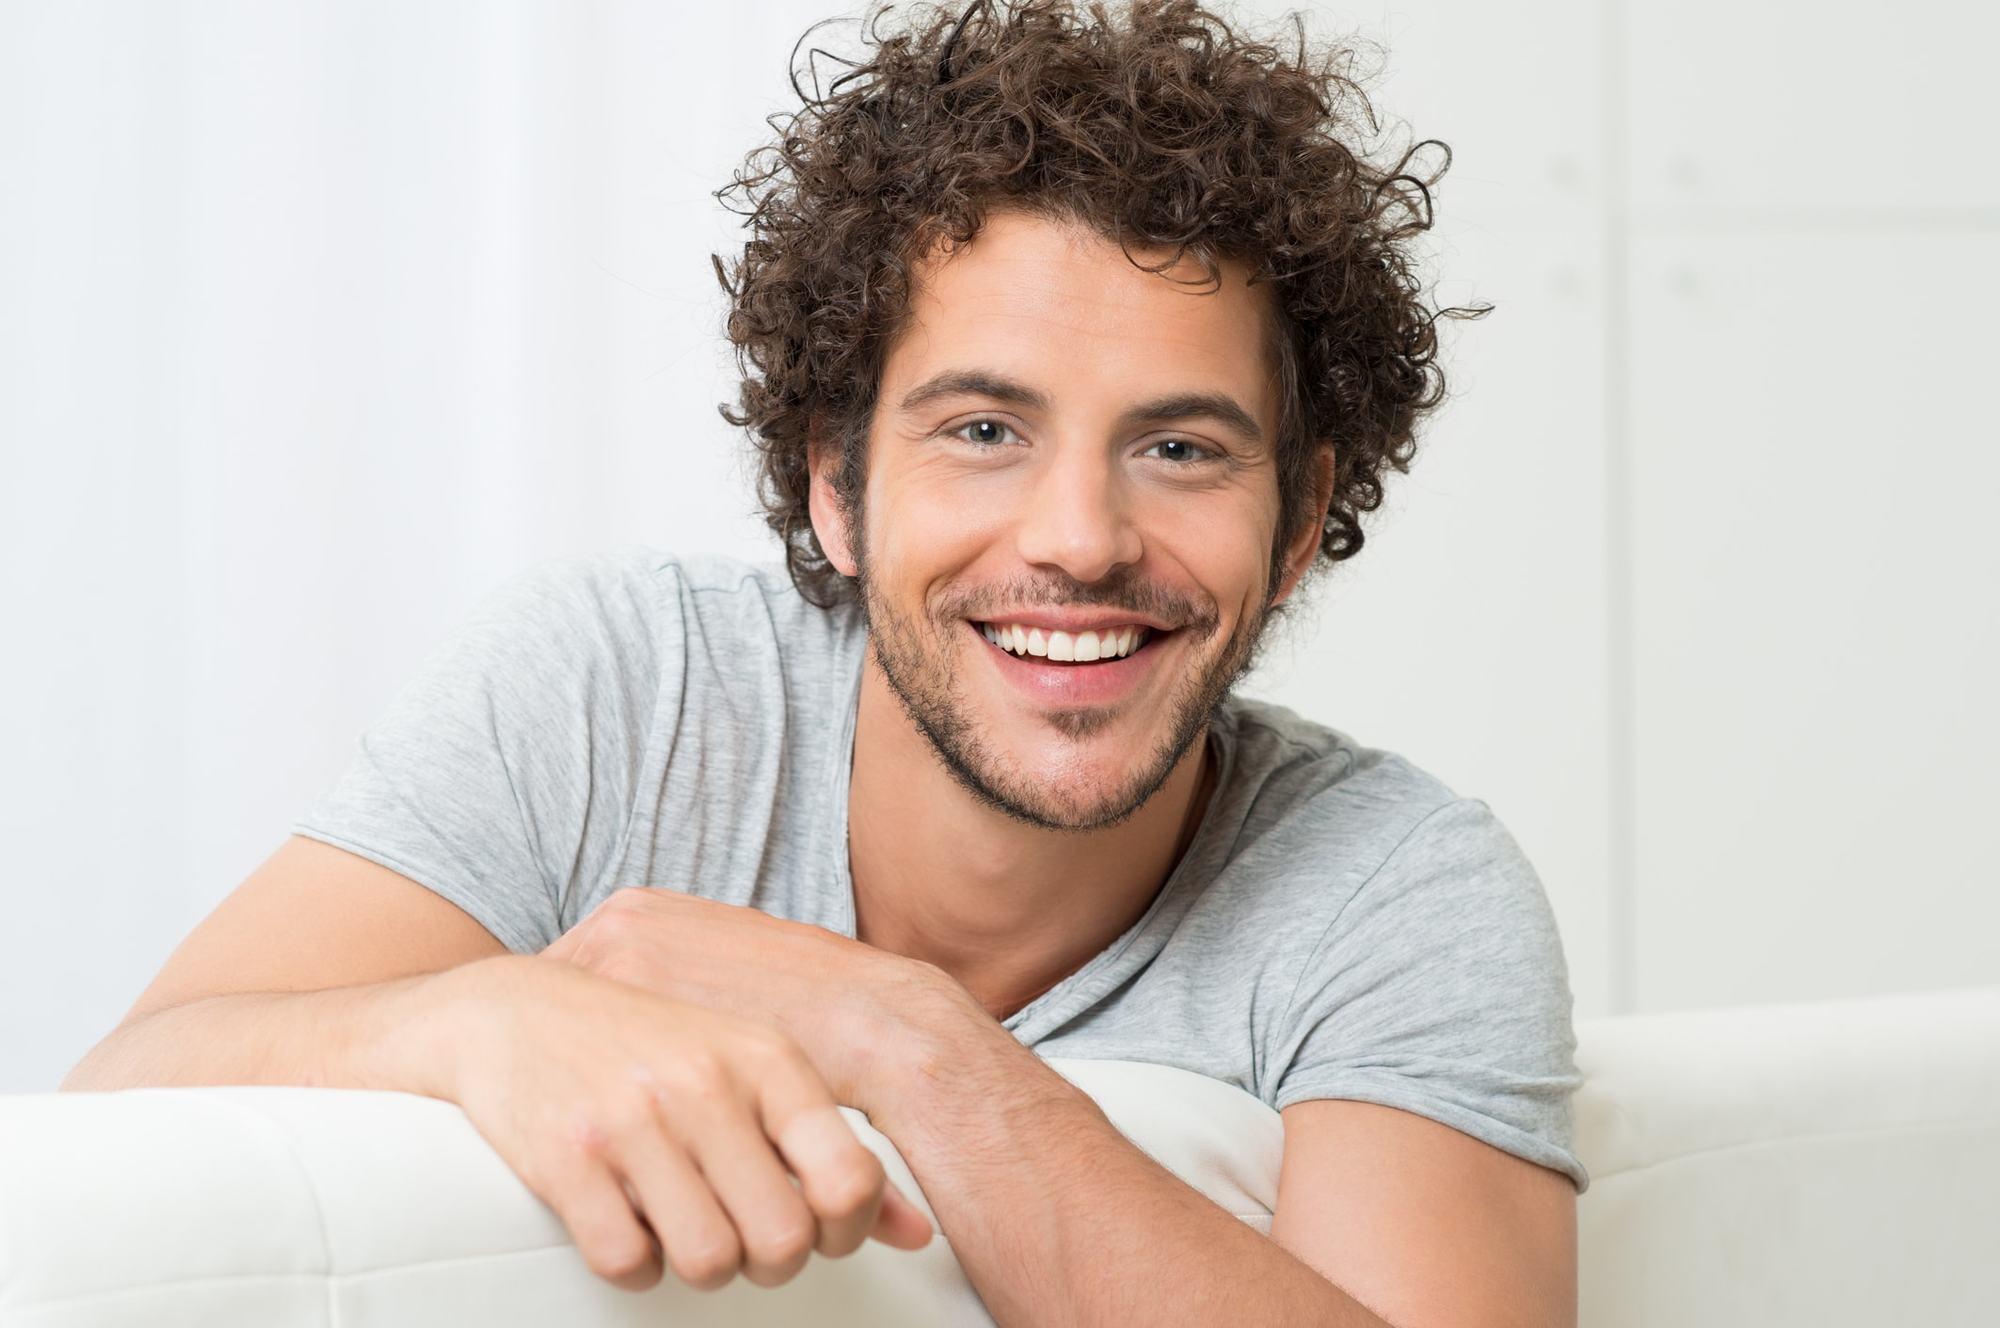 Homme aux cheveux courts bouclés avec barbe